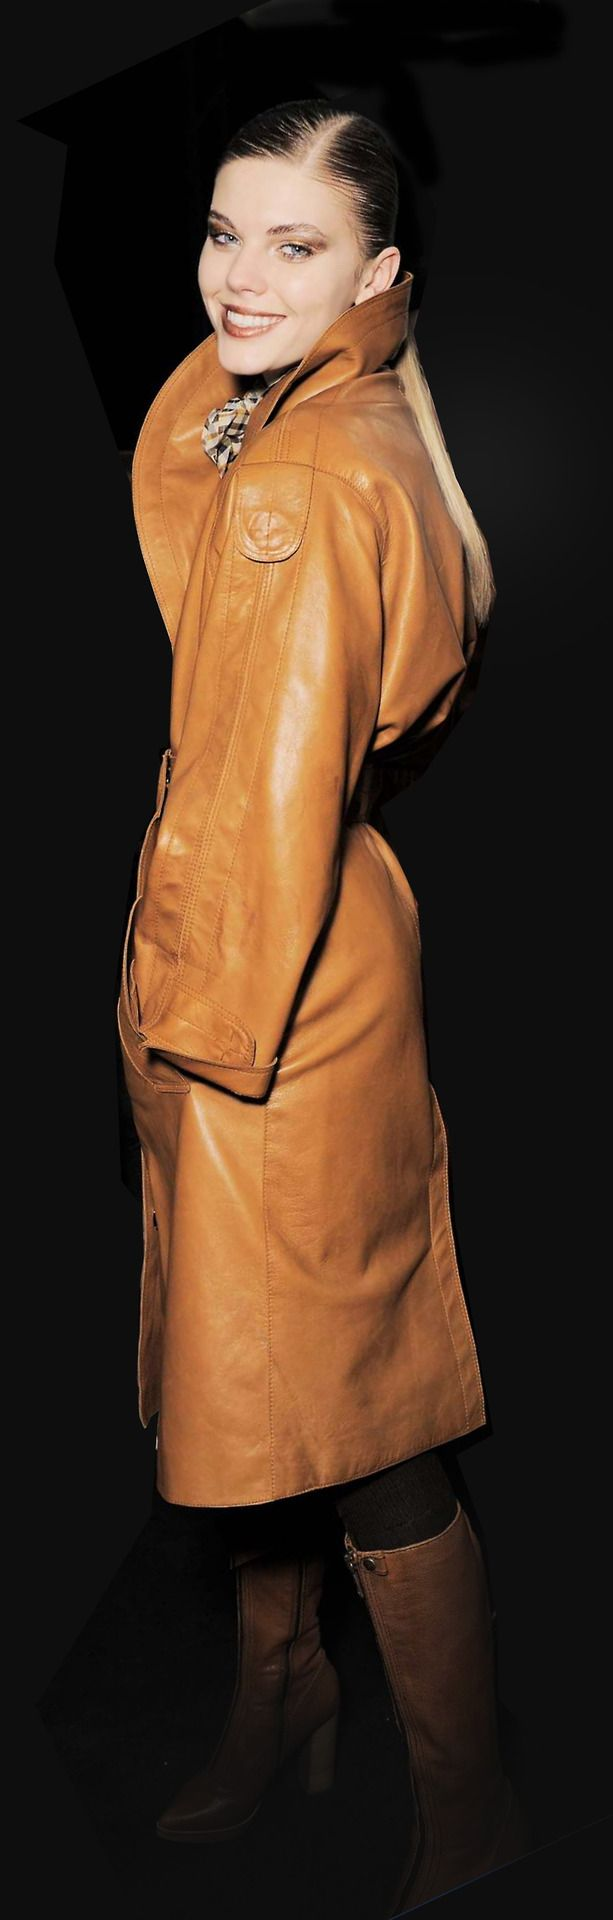 Farb-und Stilberatung mit www.farben-reich.com - Daks